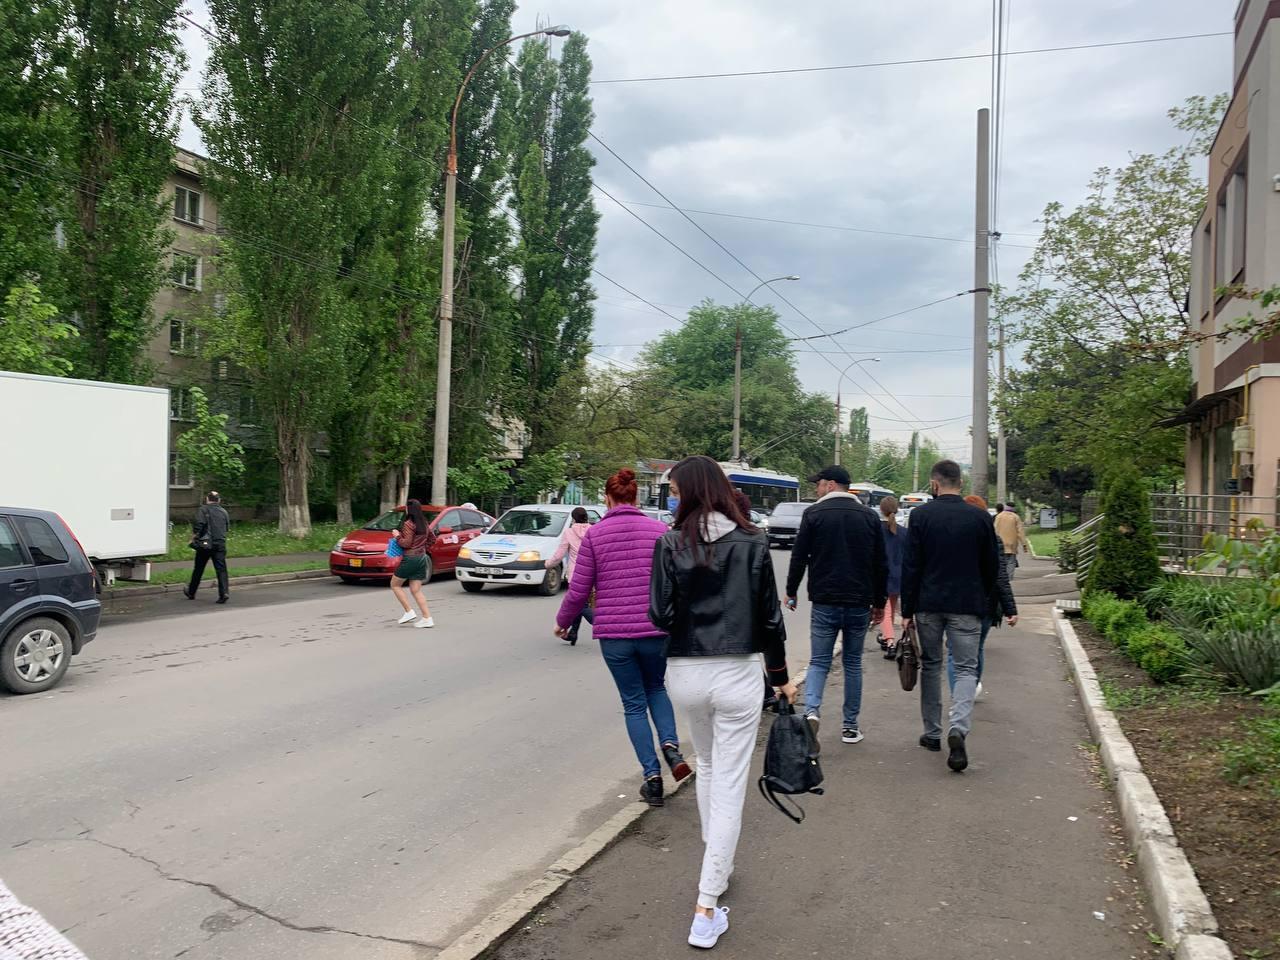 În drum spre Centru, acesta face o tură lungă până la Durlești pe strada Constituției, iar mulți pasageri preferă să coboare la intersecția cu V.Lupu și, traversând în grabă neregulamentar, să ia alt troleu D spre Centru.